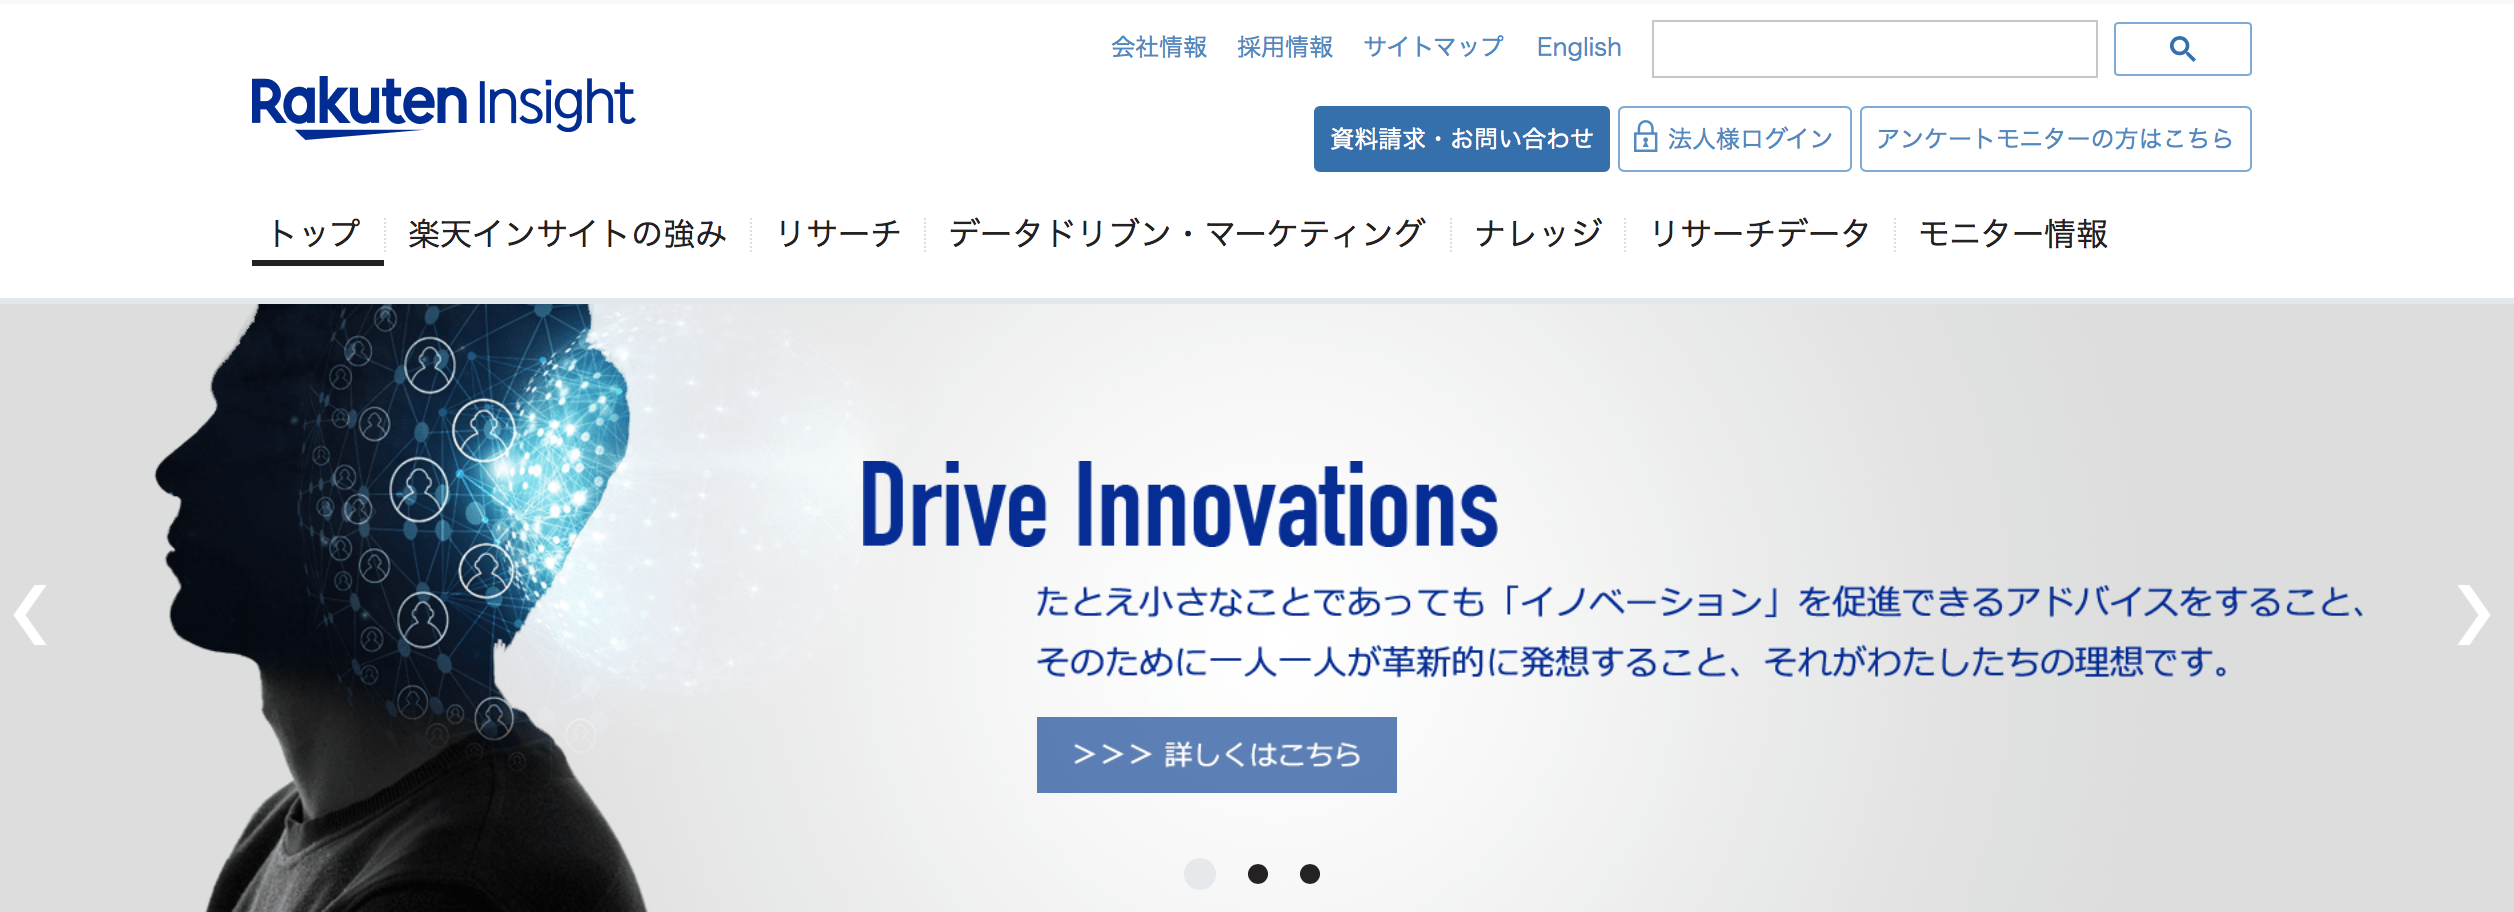 楽天インサイト_サイトtop